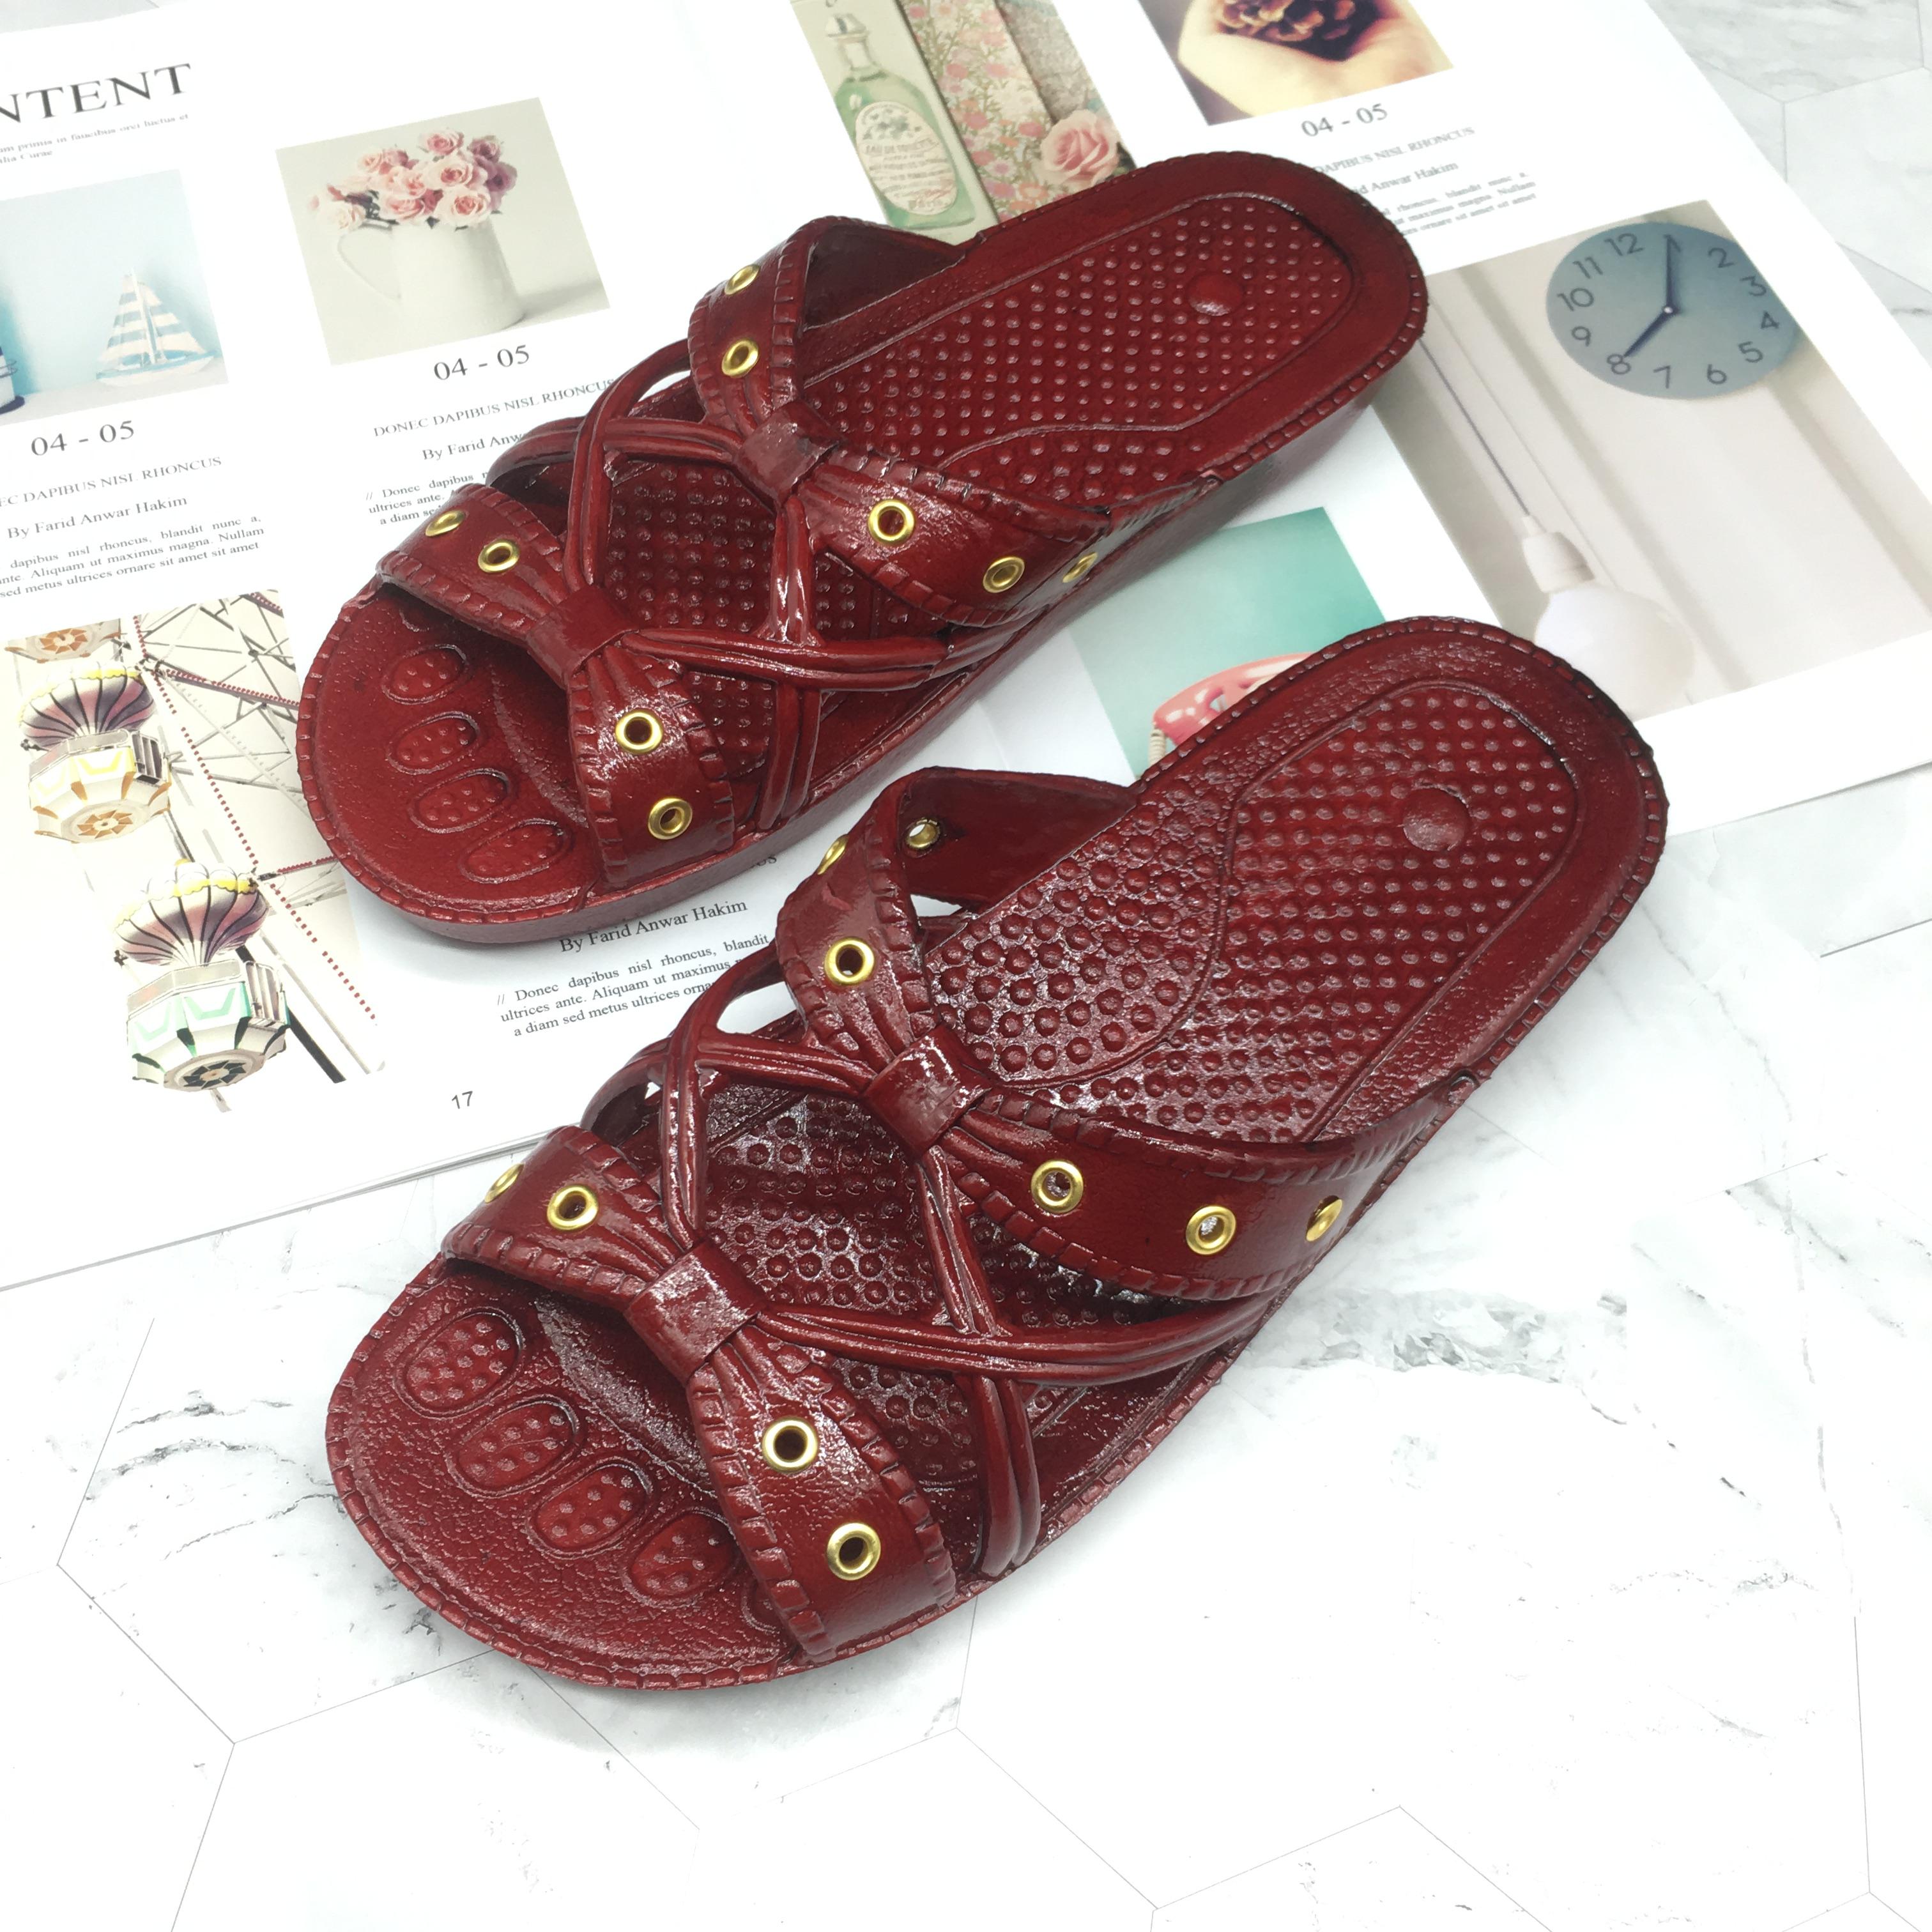 奶奶拖鞋防滑防污居家一字拖凉拖鞋酒红色日常居家拖鞋厂家直销